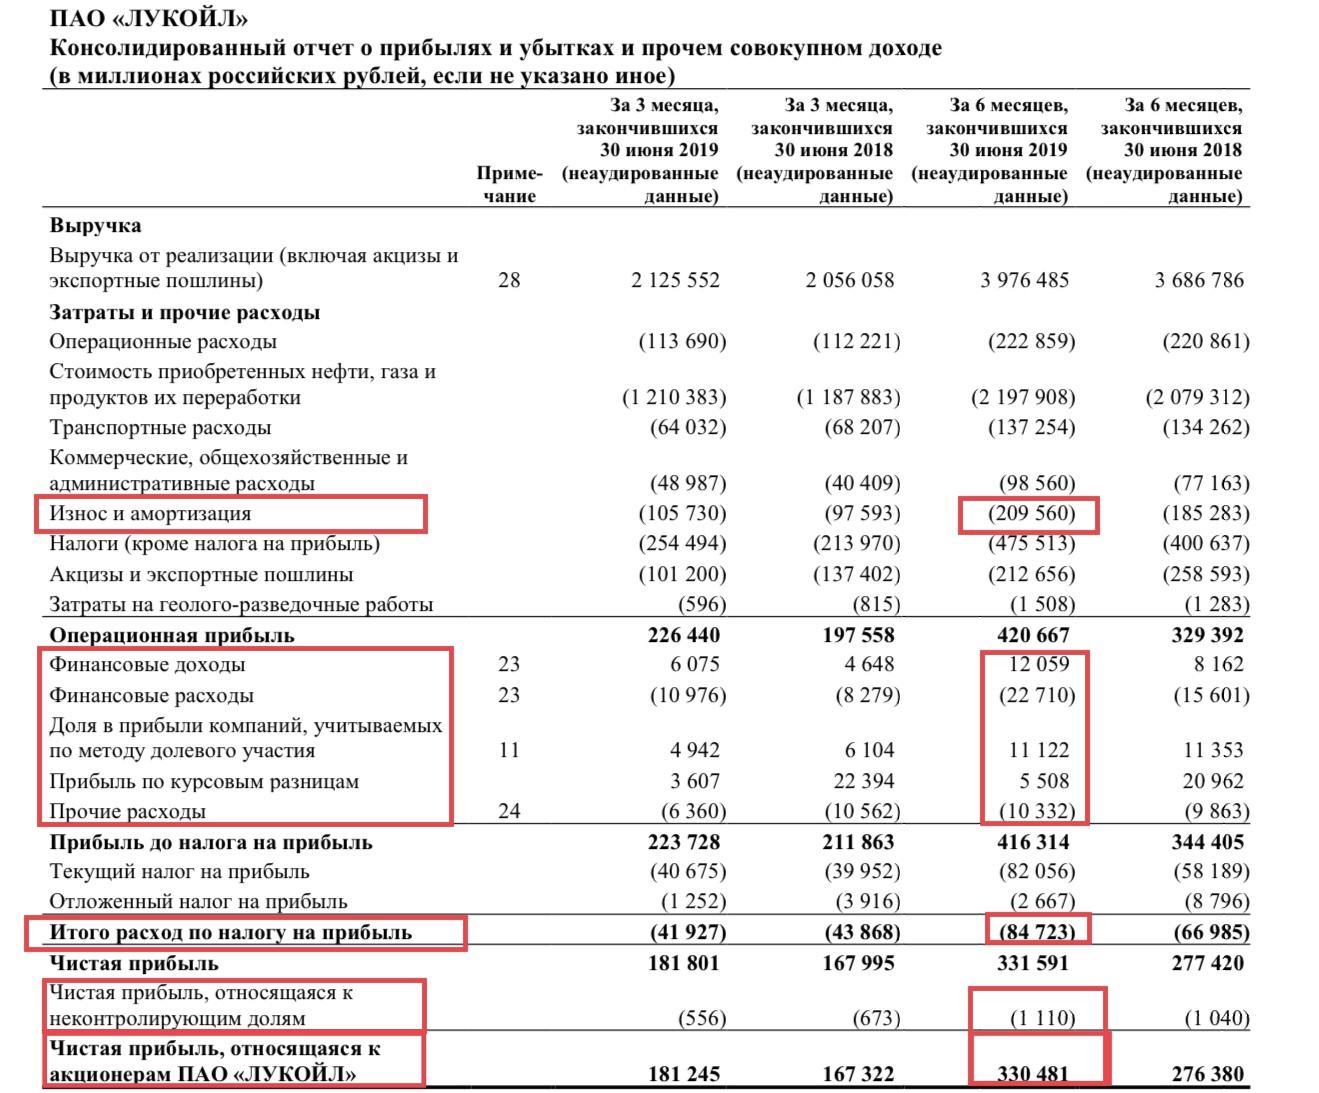 Рис. 2. Отчётность ПАО «Лукойл» по МСФО за I полугодие 2019 года